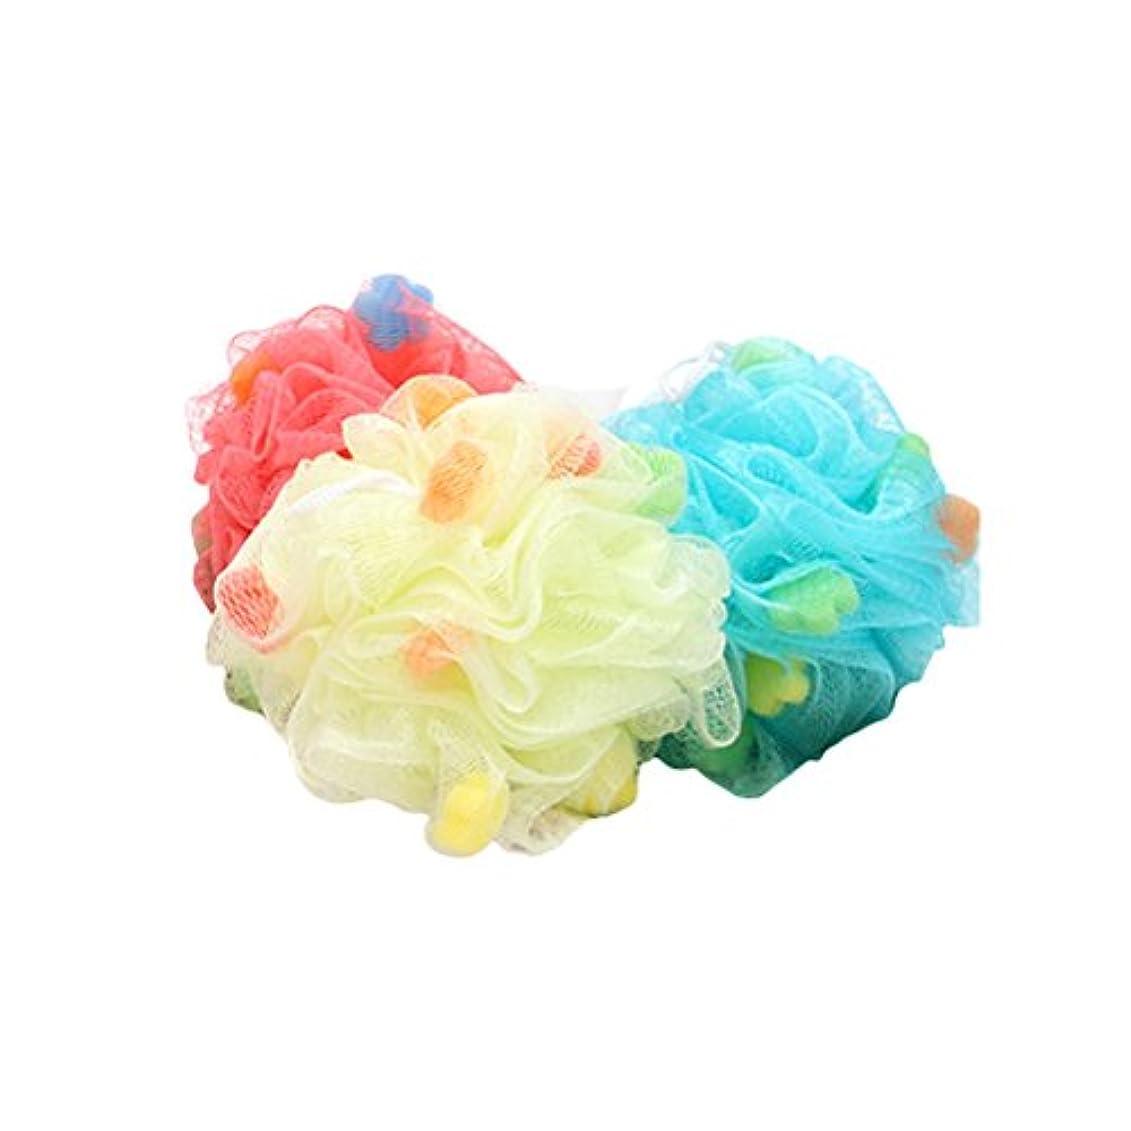 生食品シミュレートするHealifty ボディースポンジ 泡立てネット フラワーボール シャワー用 バス用品 背中も洗える メッシュ ボディ洗い 泡肌美人(ランダム色)3個